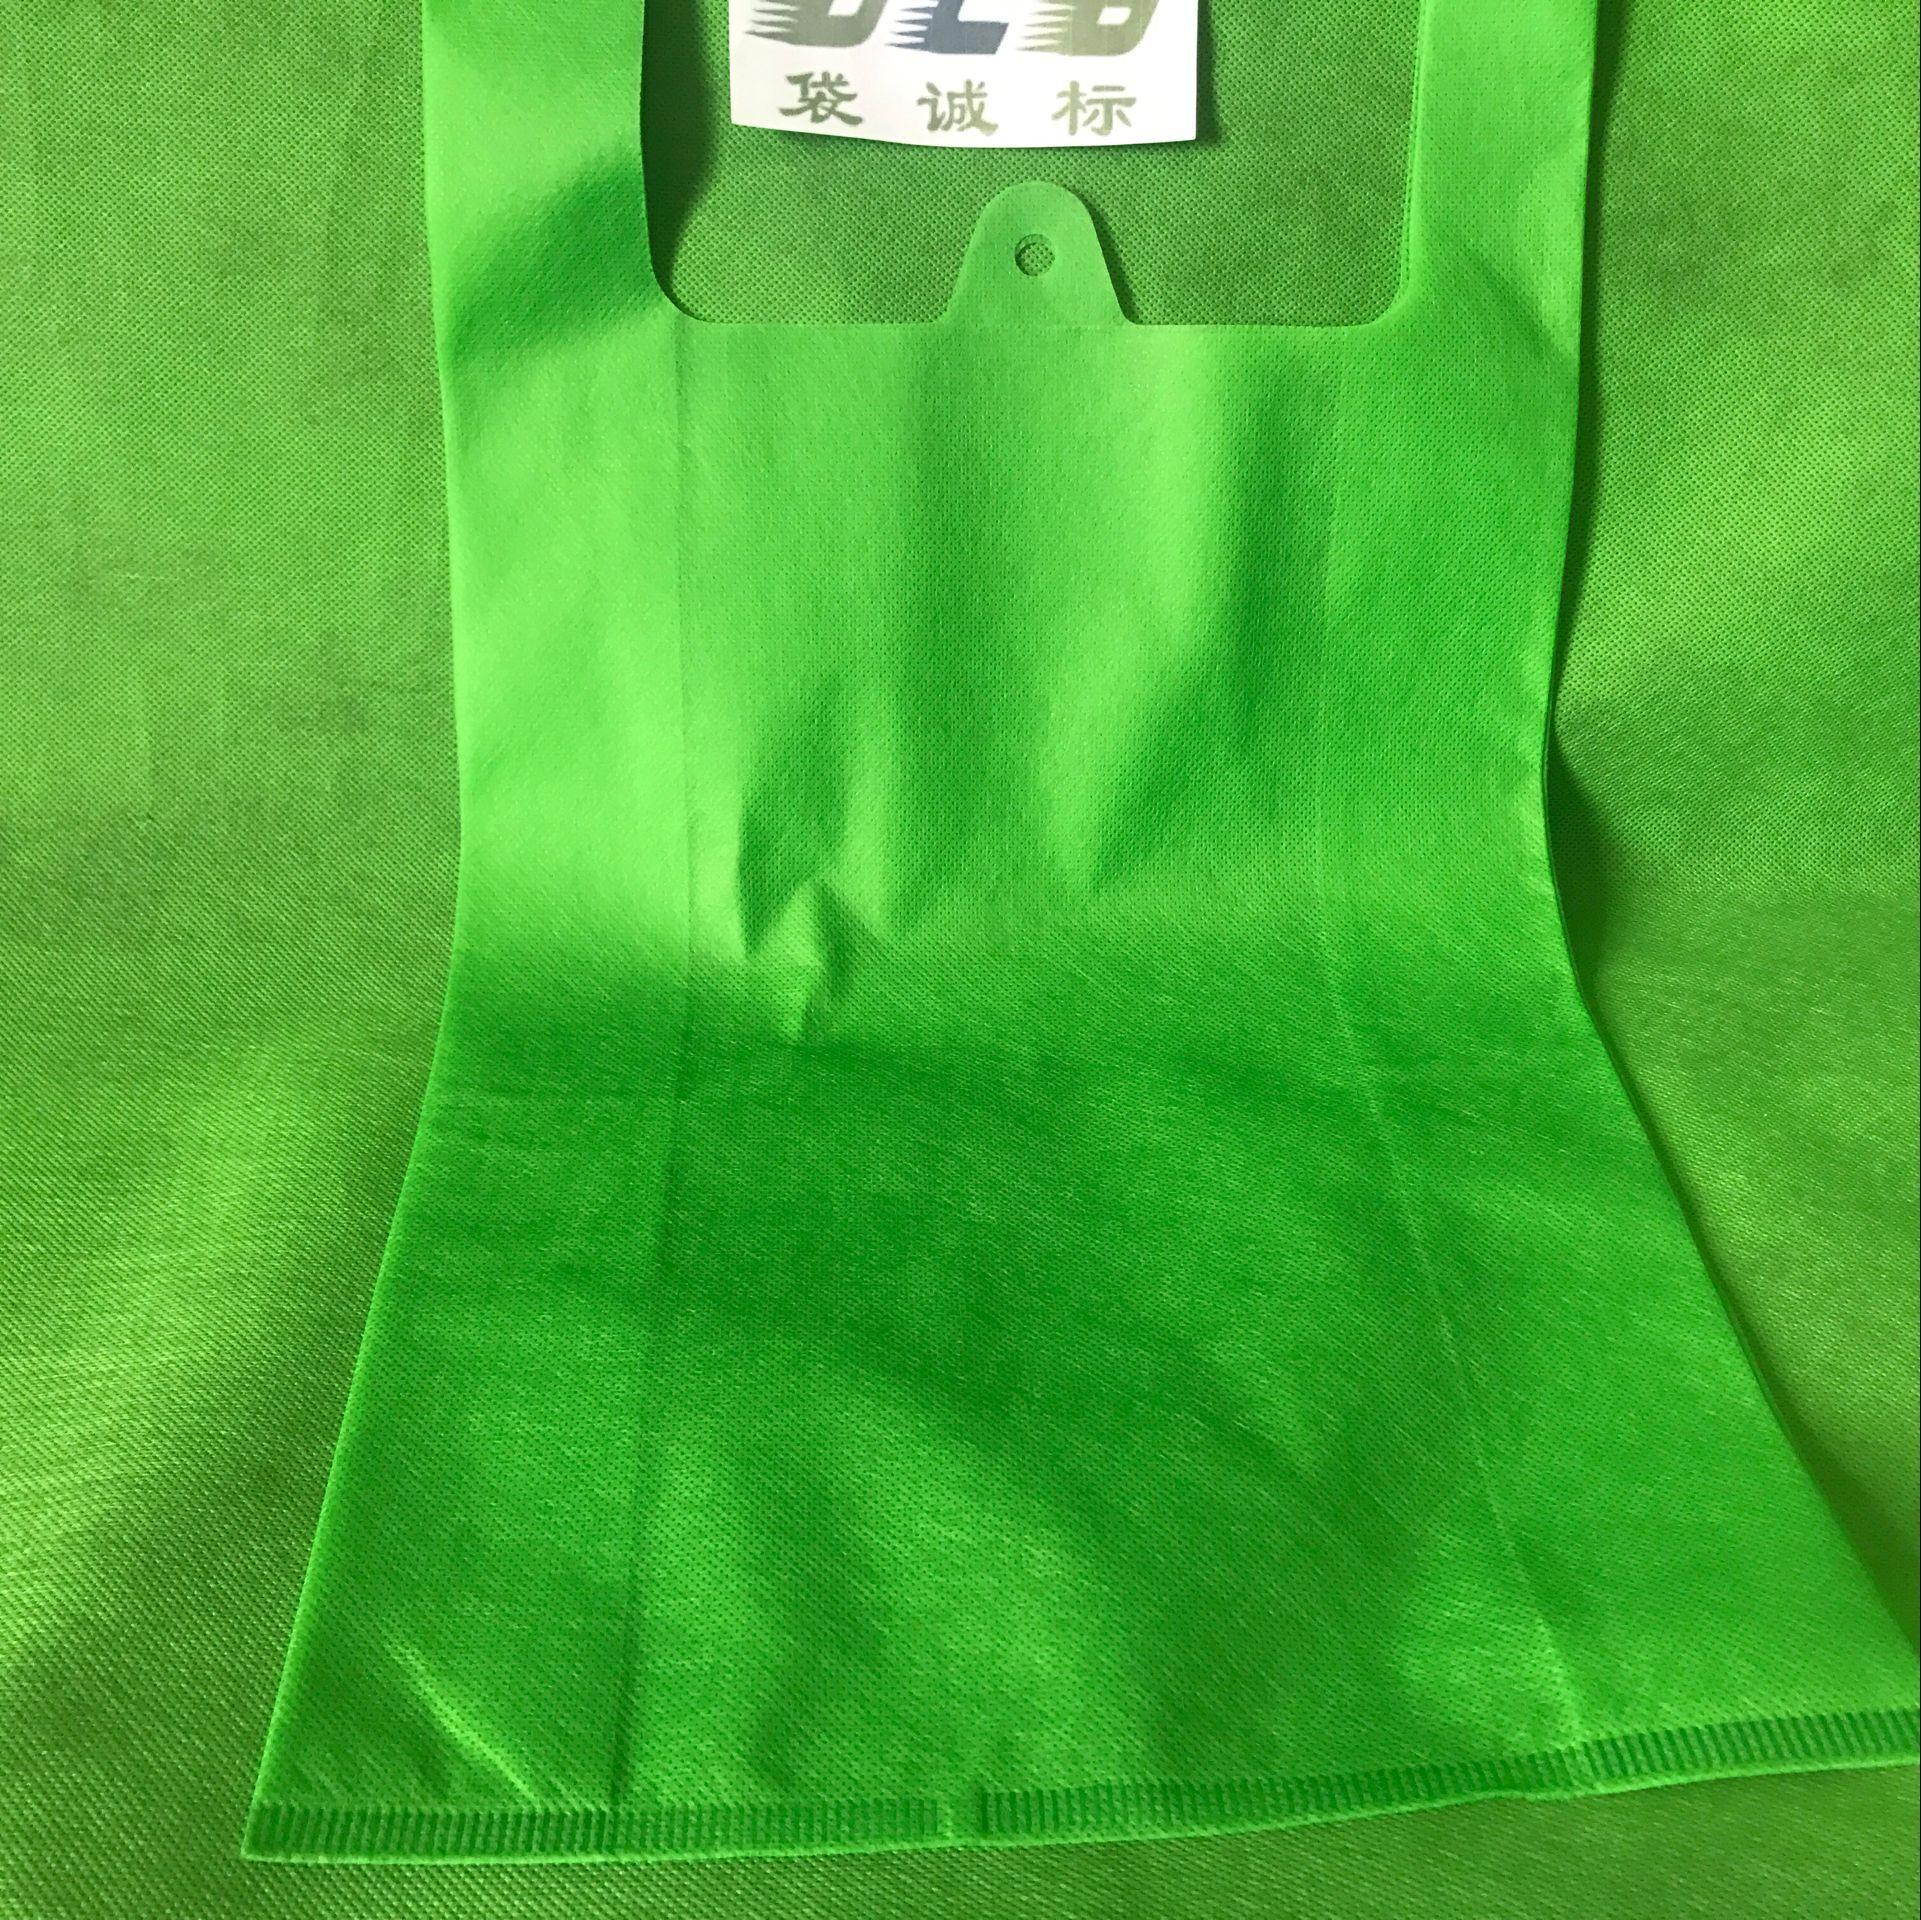 超声波袋厂定做无纺布背心袋热压背心购物袋机压手提背心袋40